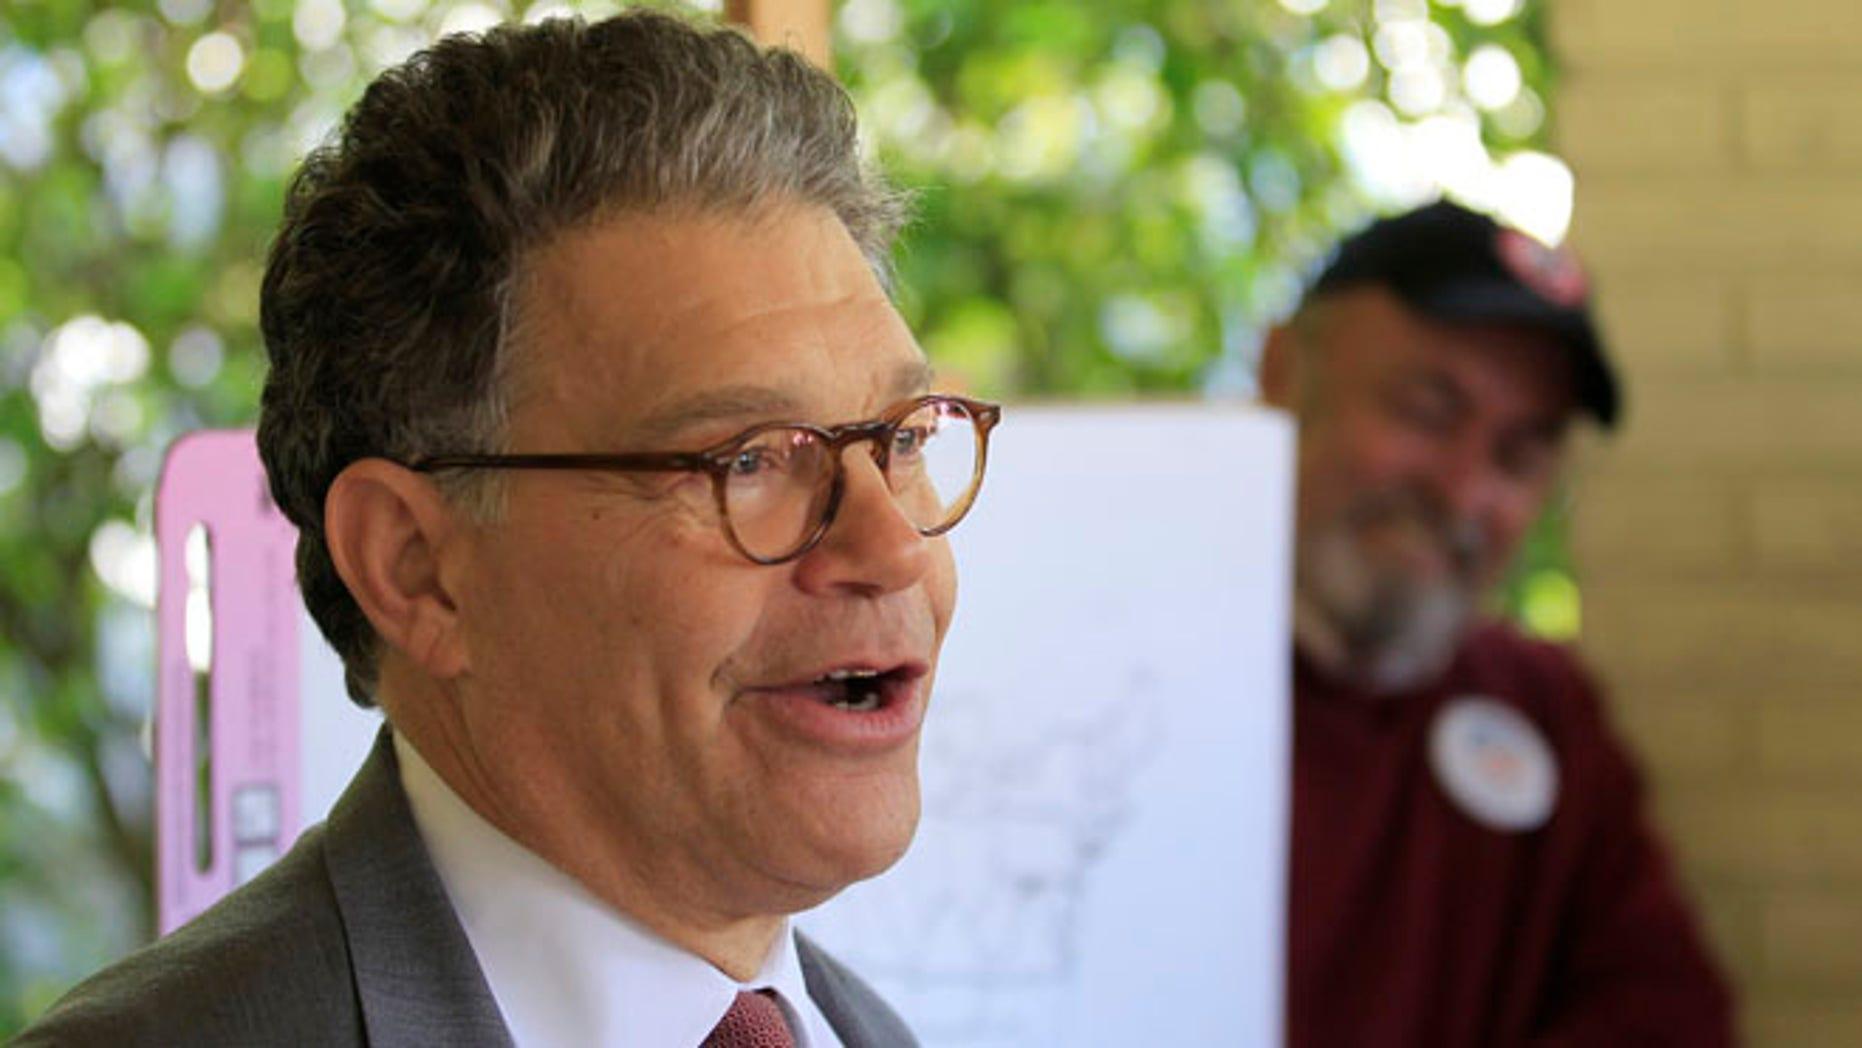 U.S. Sen. Al Franken (D-MN) in Wilton Manors, Florida October 31, 2012.